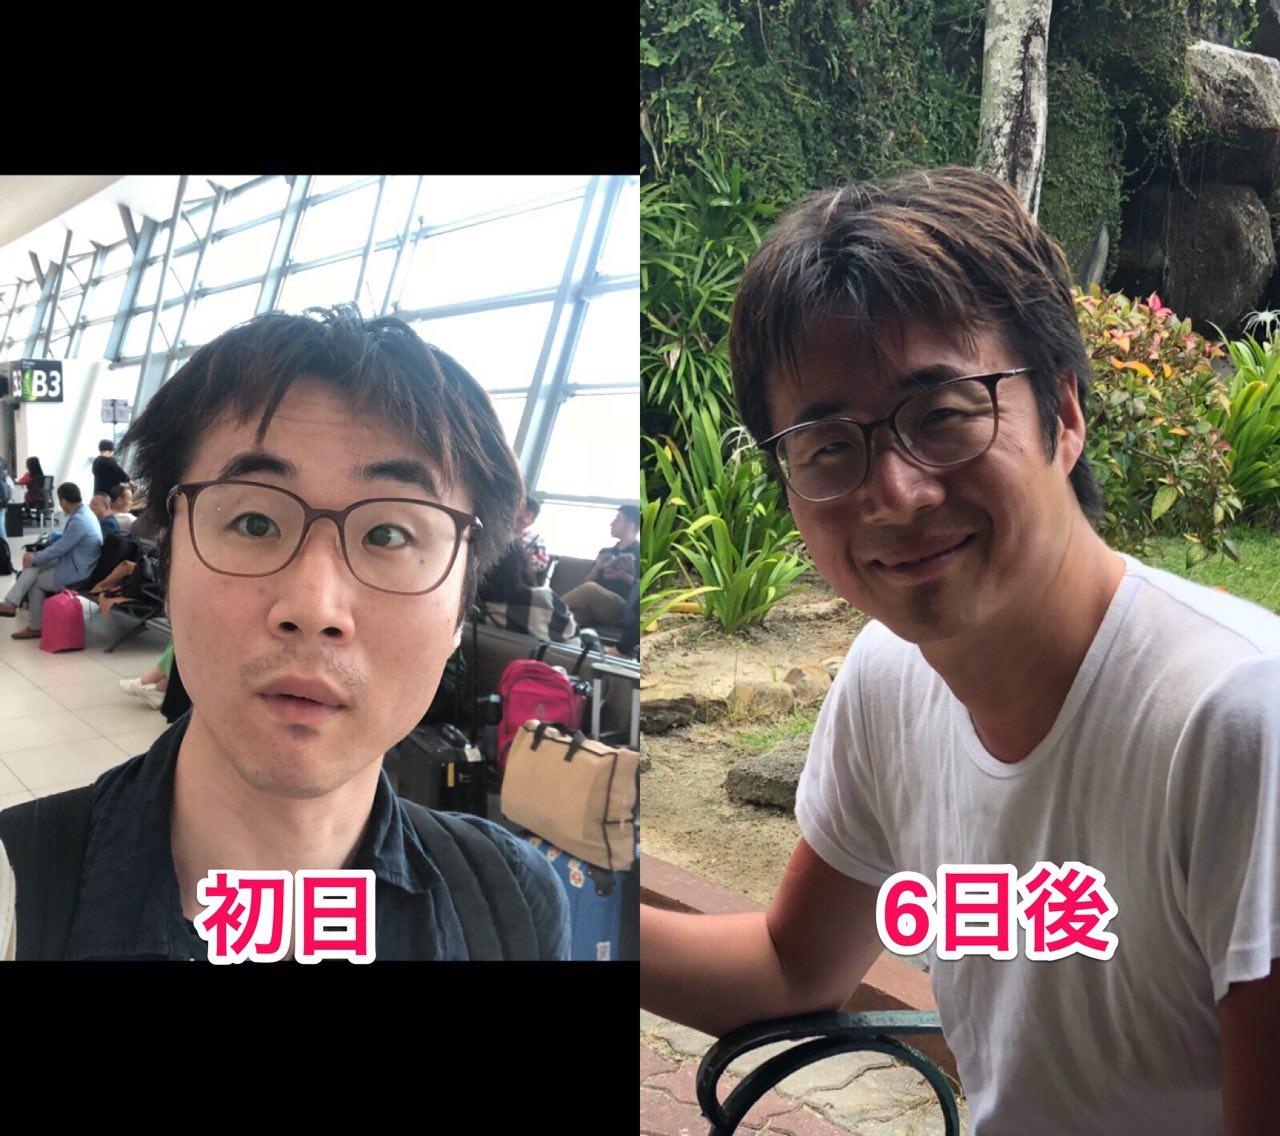 前原の顔比較